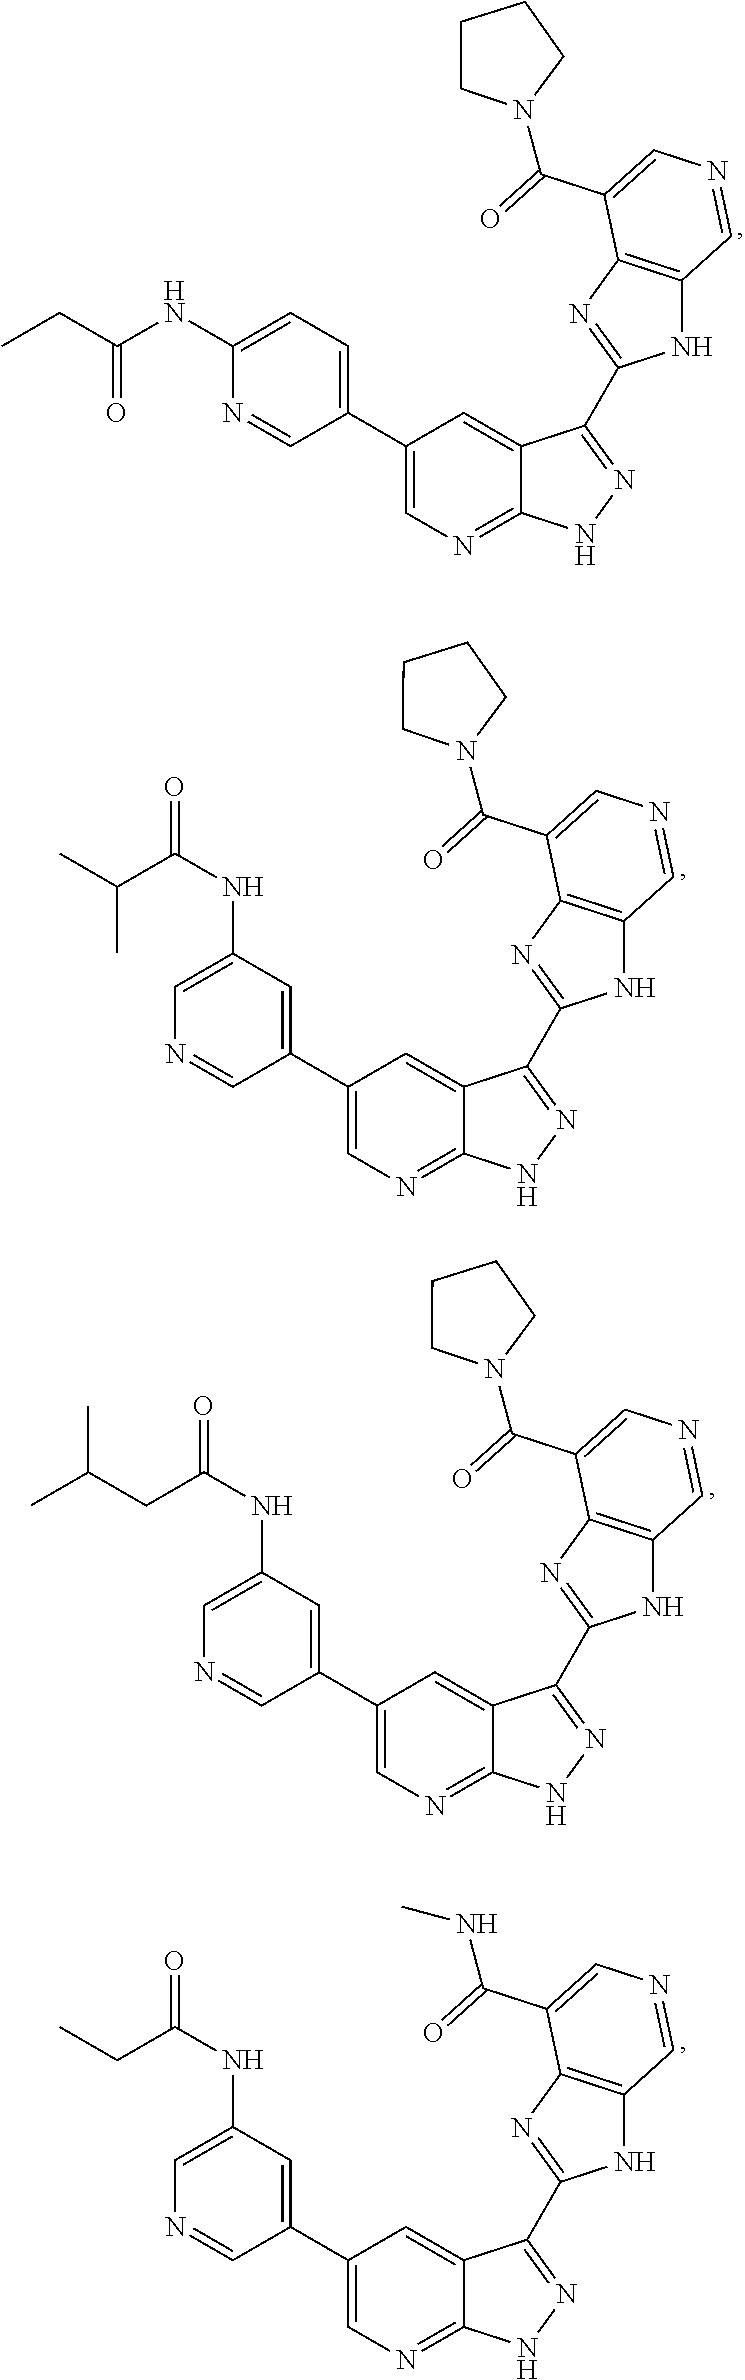 Figure US08618128-20131231-C00011